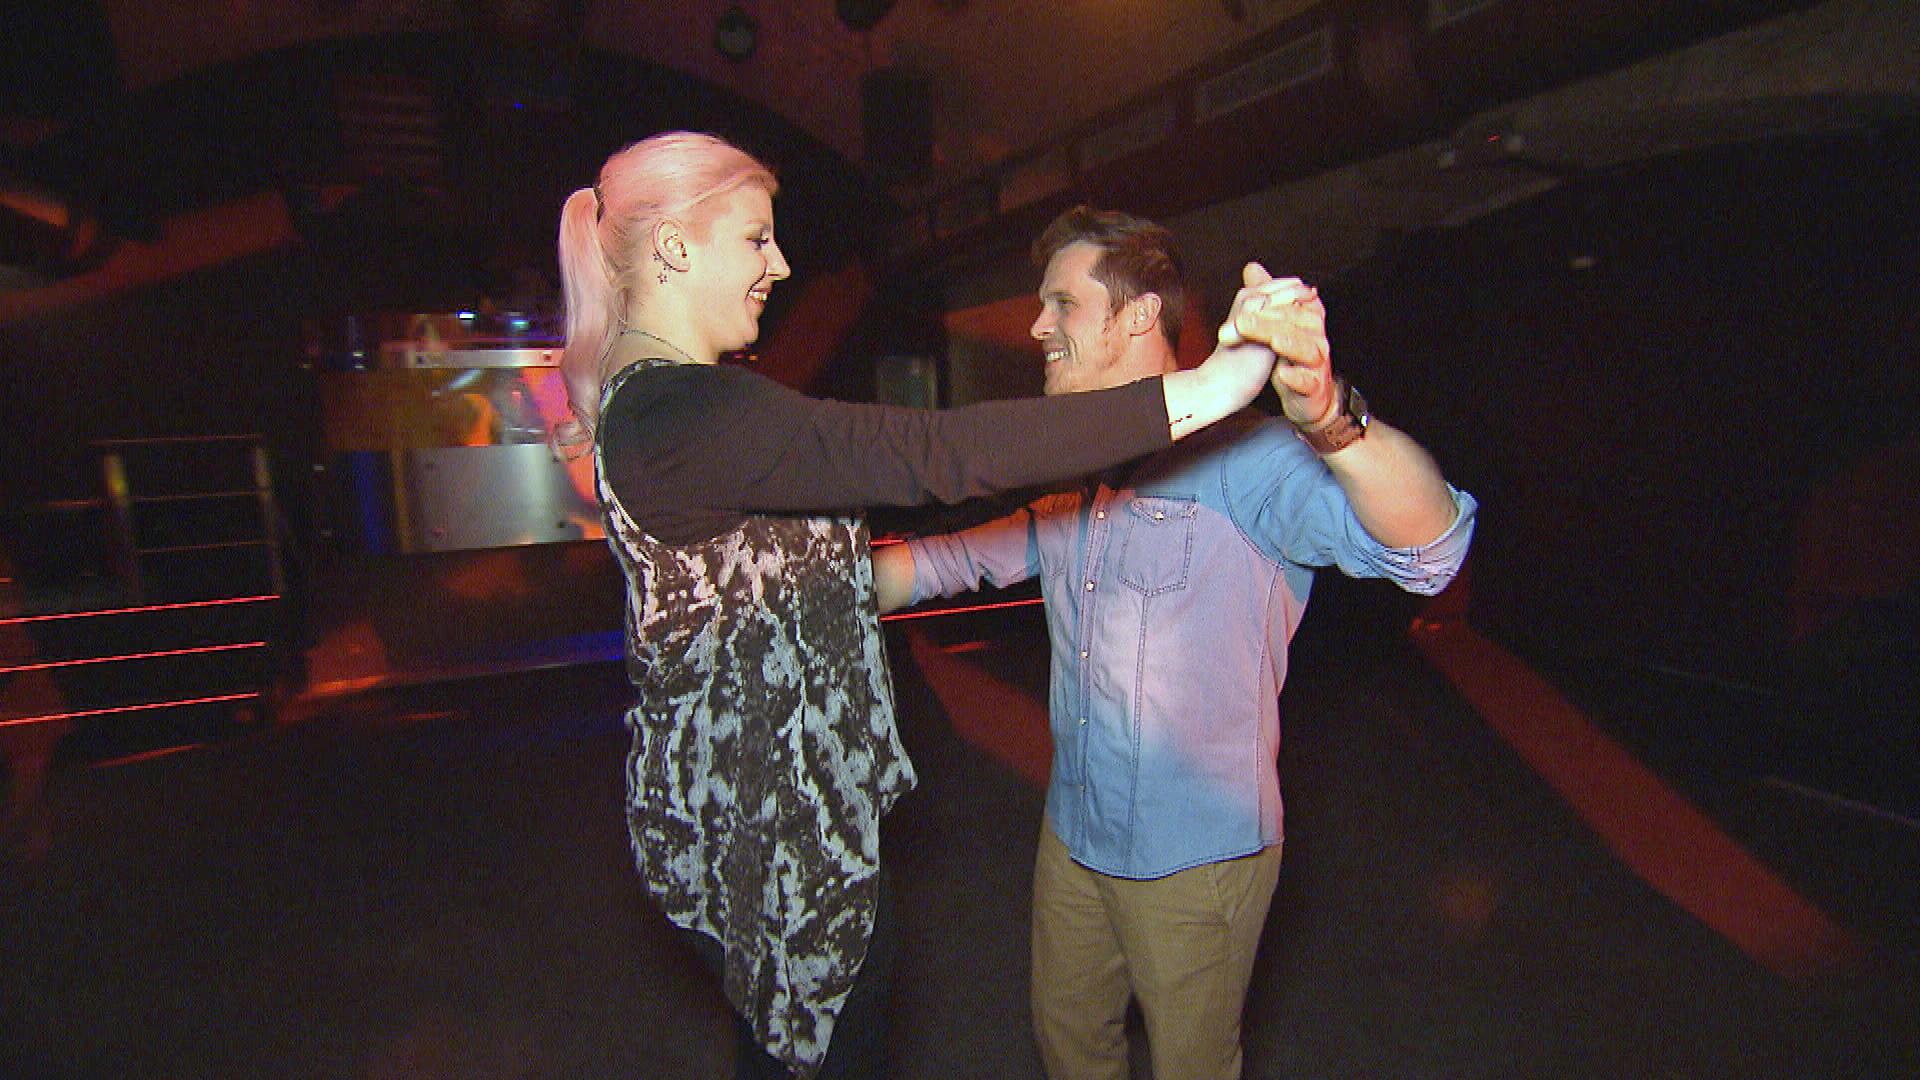 Ein von Basti,re. arrangierter Tanzkurs für die Hochzeit wird für Paula,li. zum Desaster. (Quelle: RTL 2)